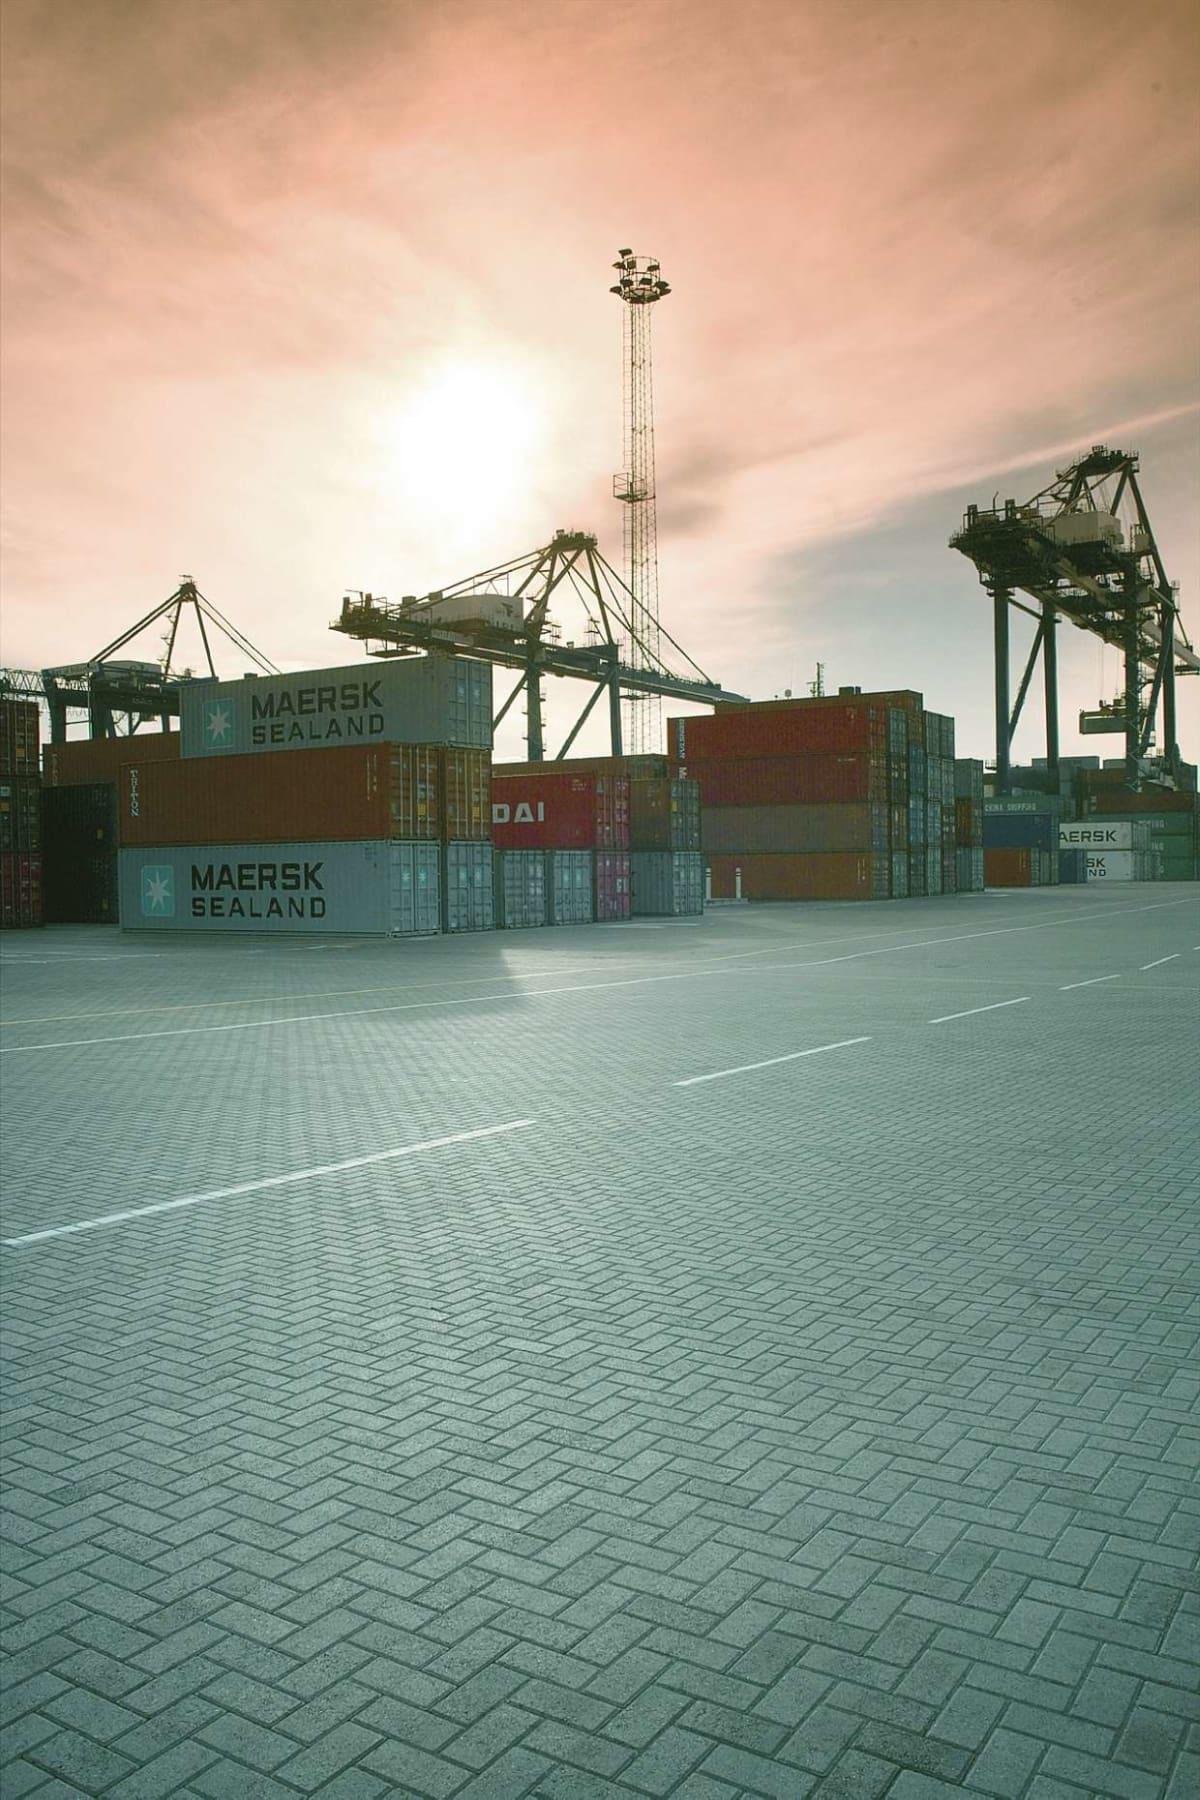 Felixstowe Port Image 1